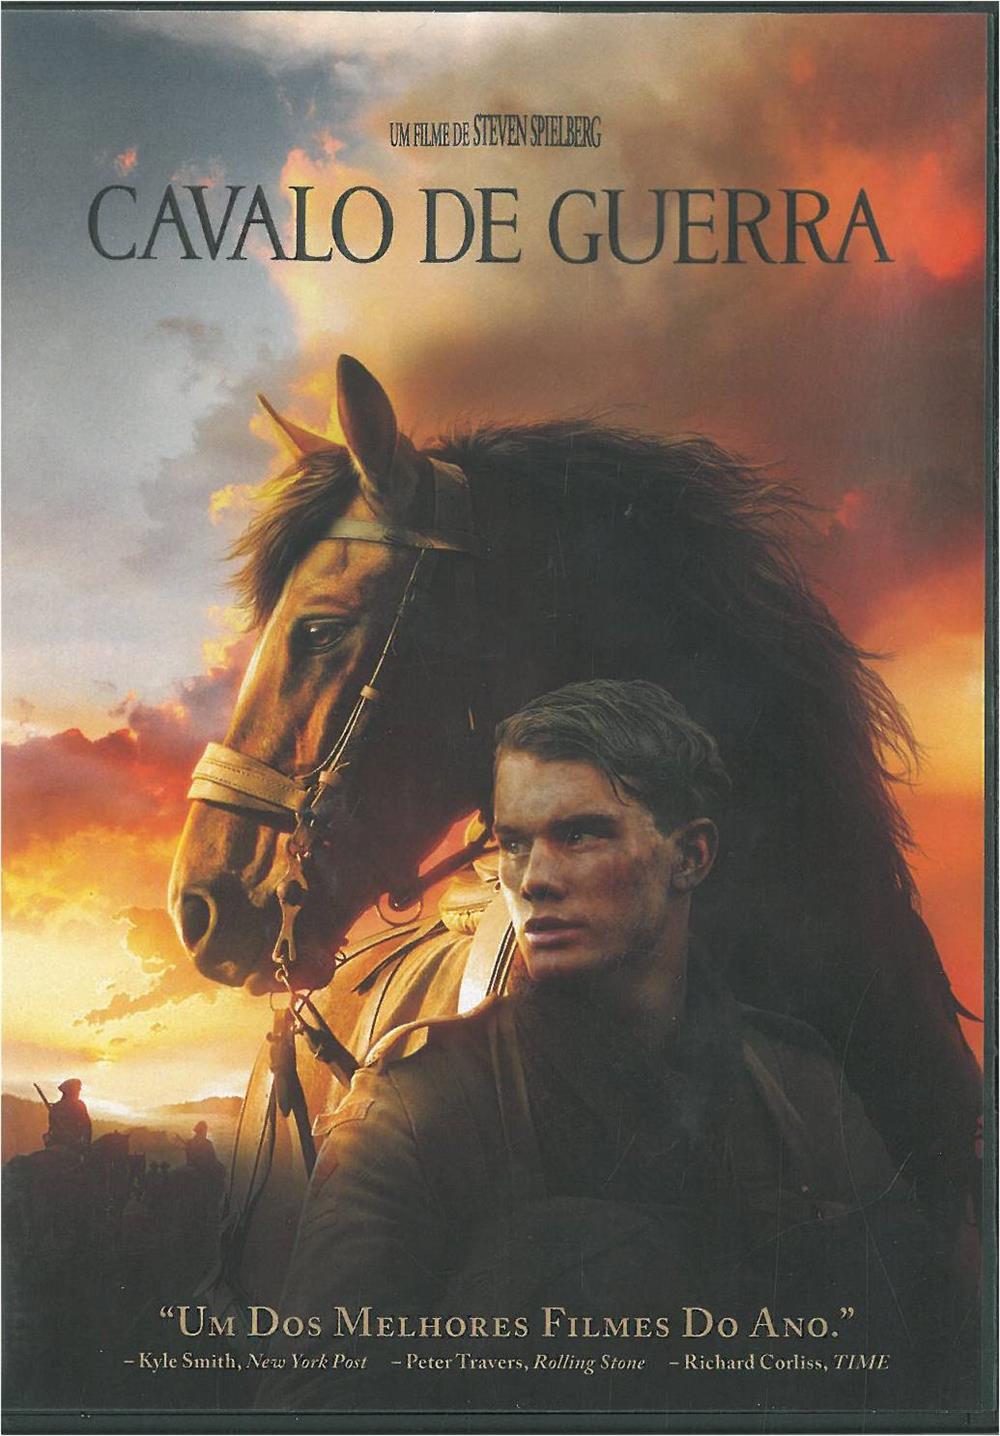 Cavalo de guerra_DVD.jpg